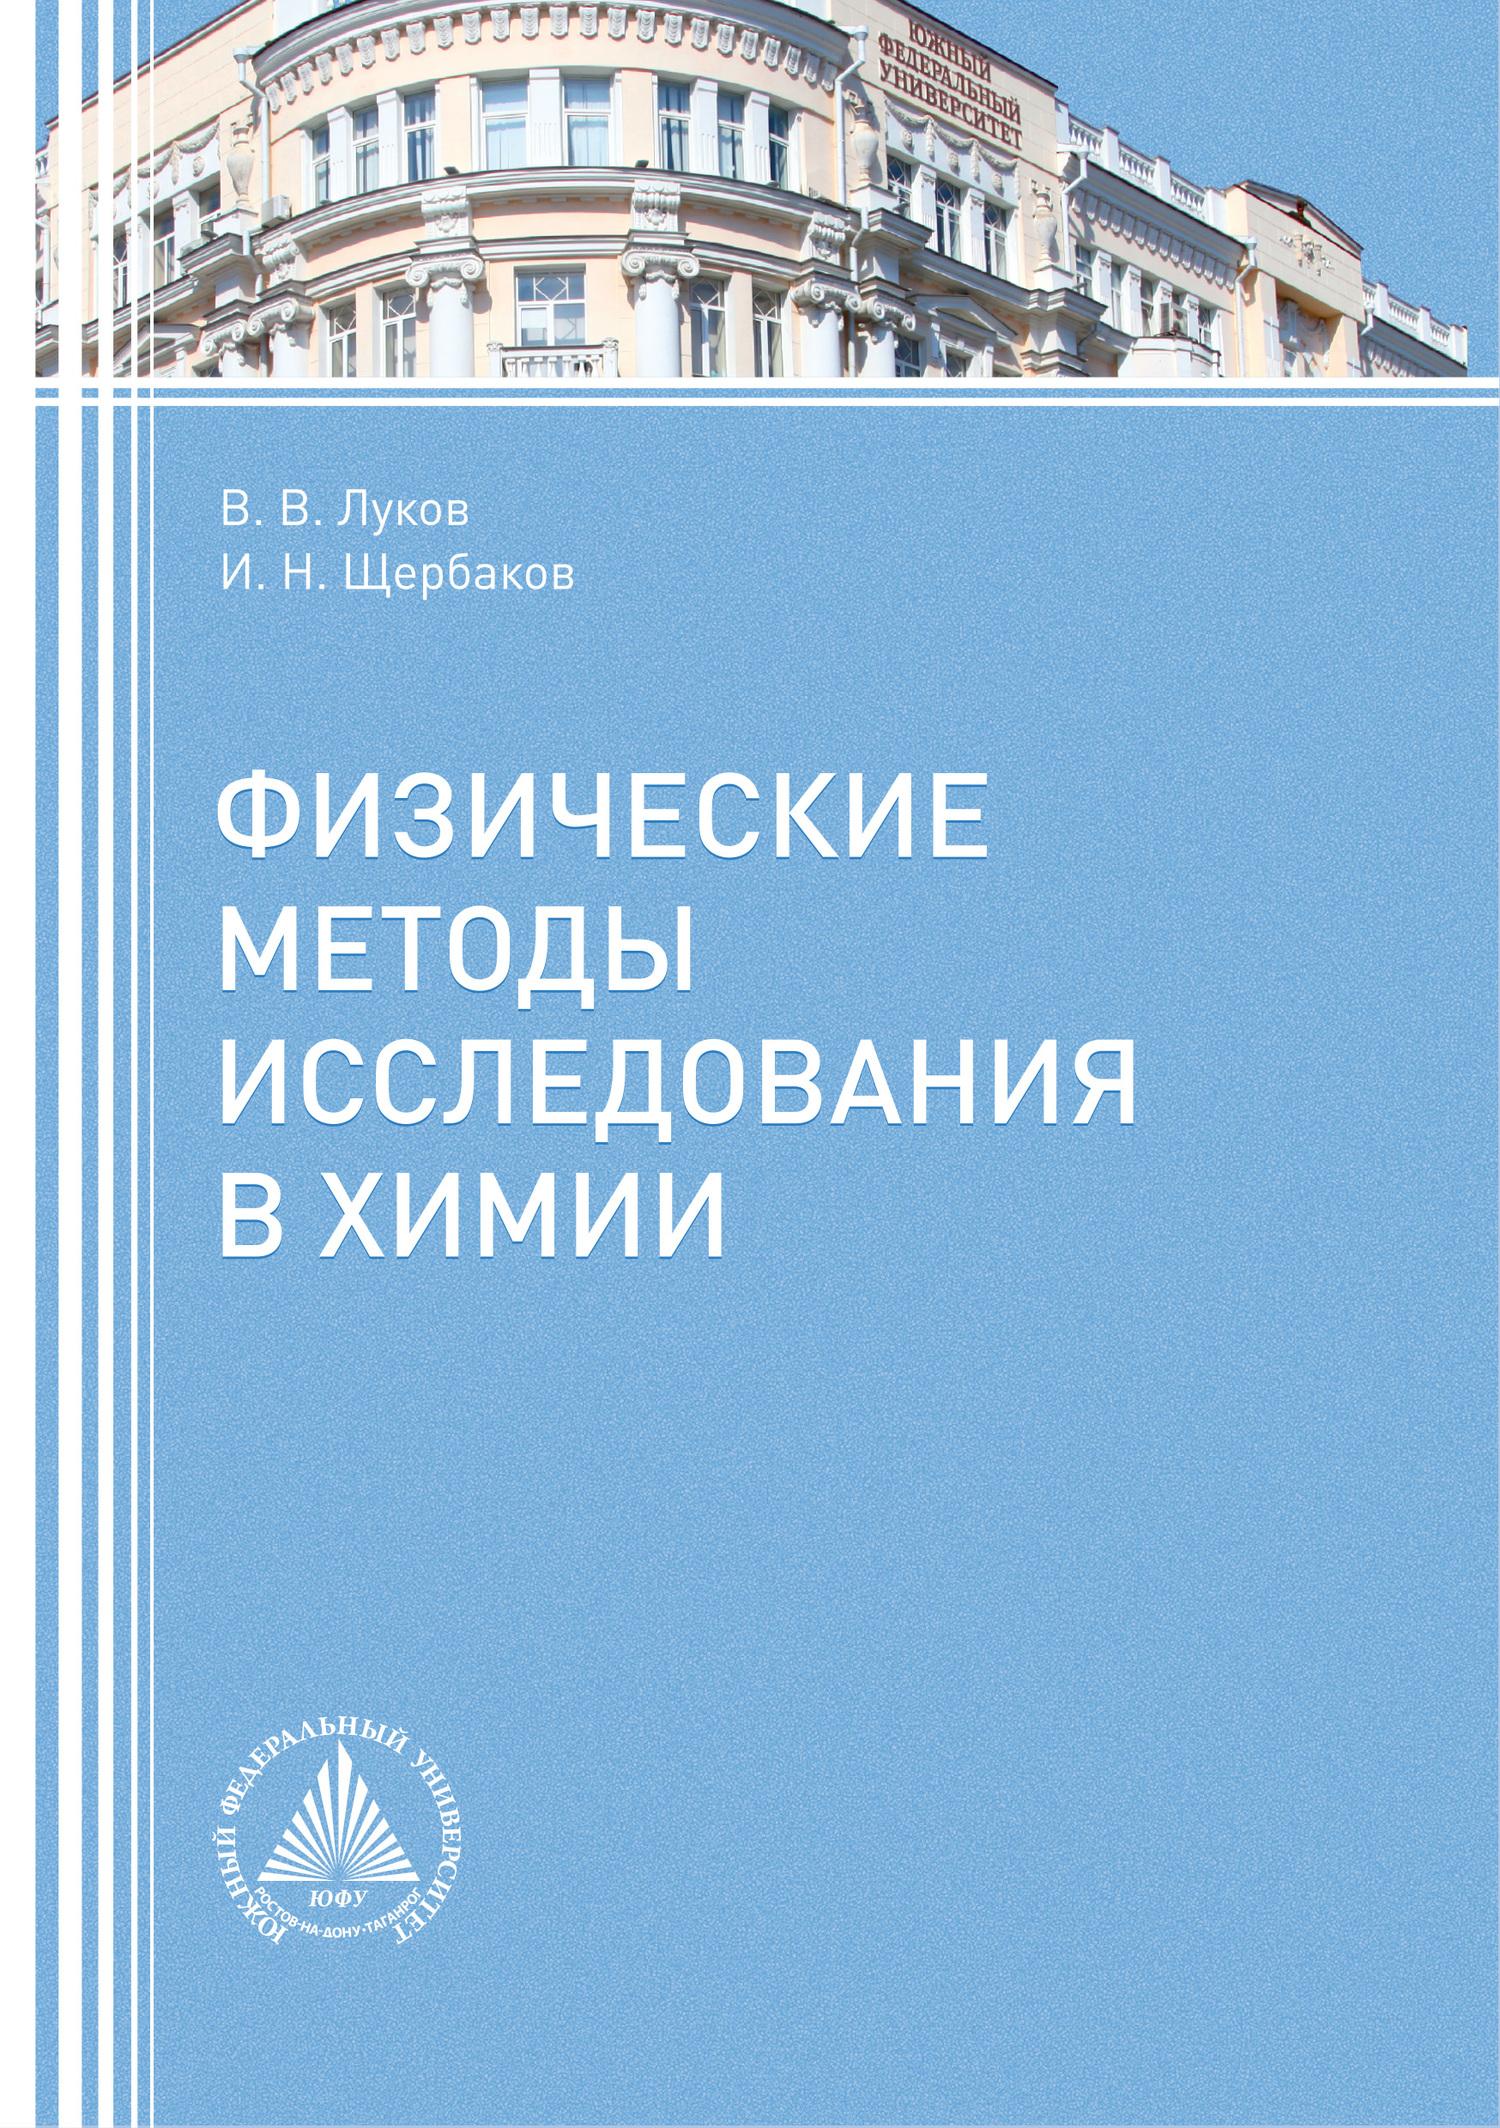 Обложка книги Физические методы исследования в химии, автор В. В. Луков